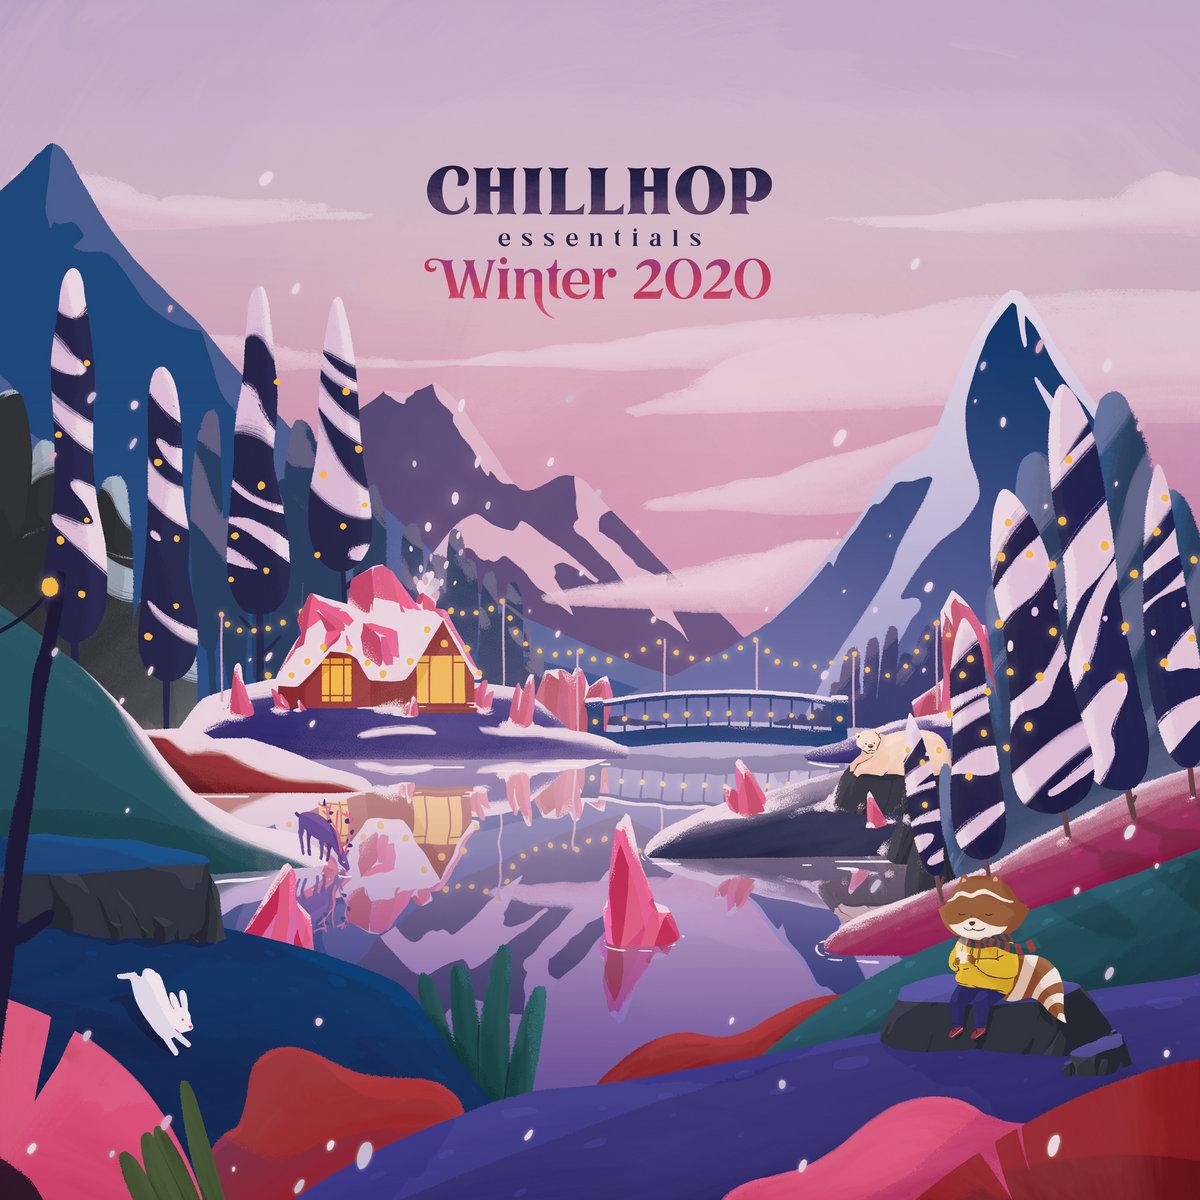 Chillhop Essentials Winter 2020 | Full Album Stream